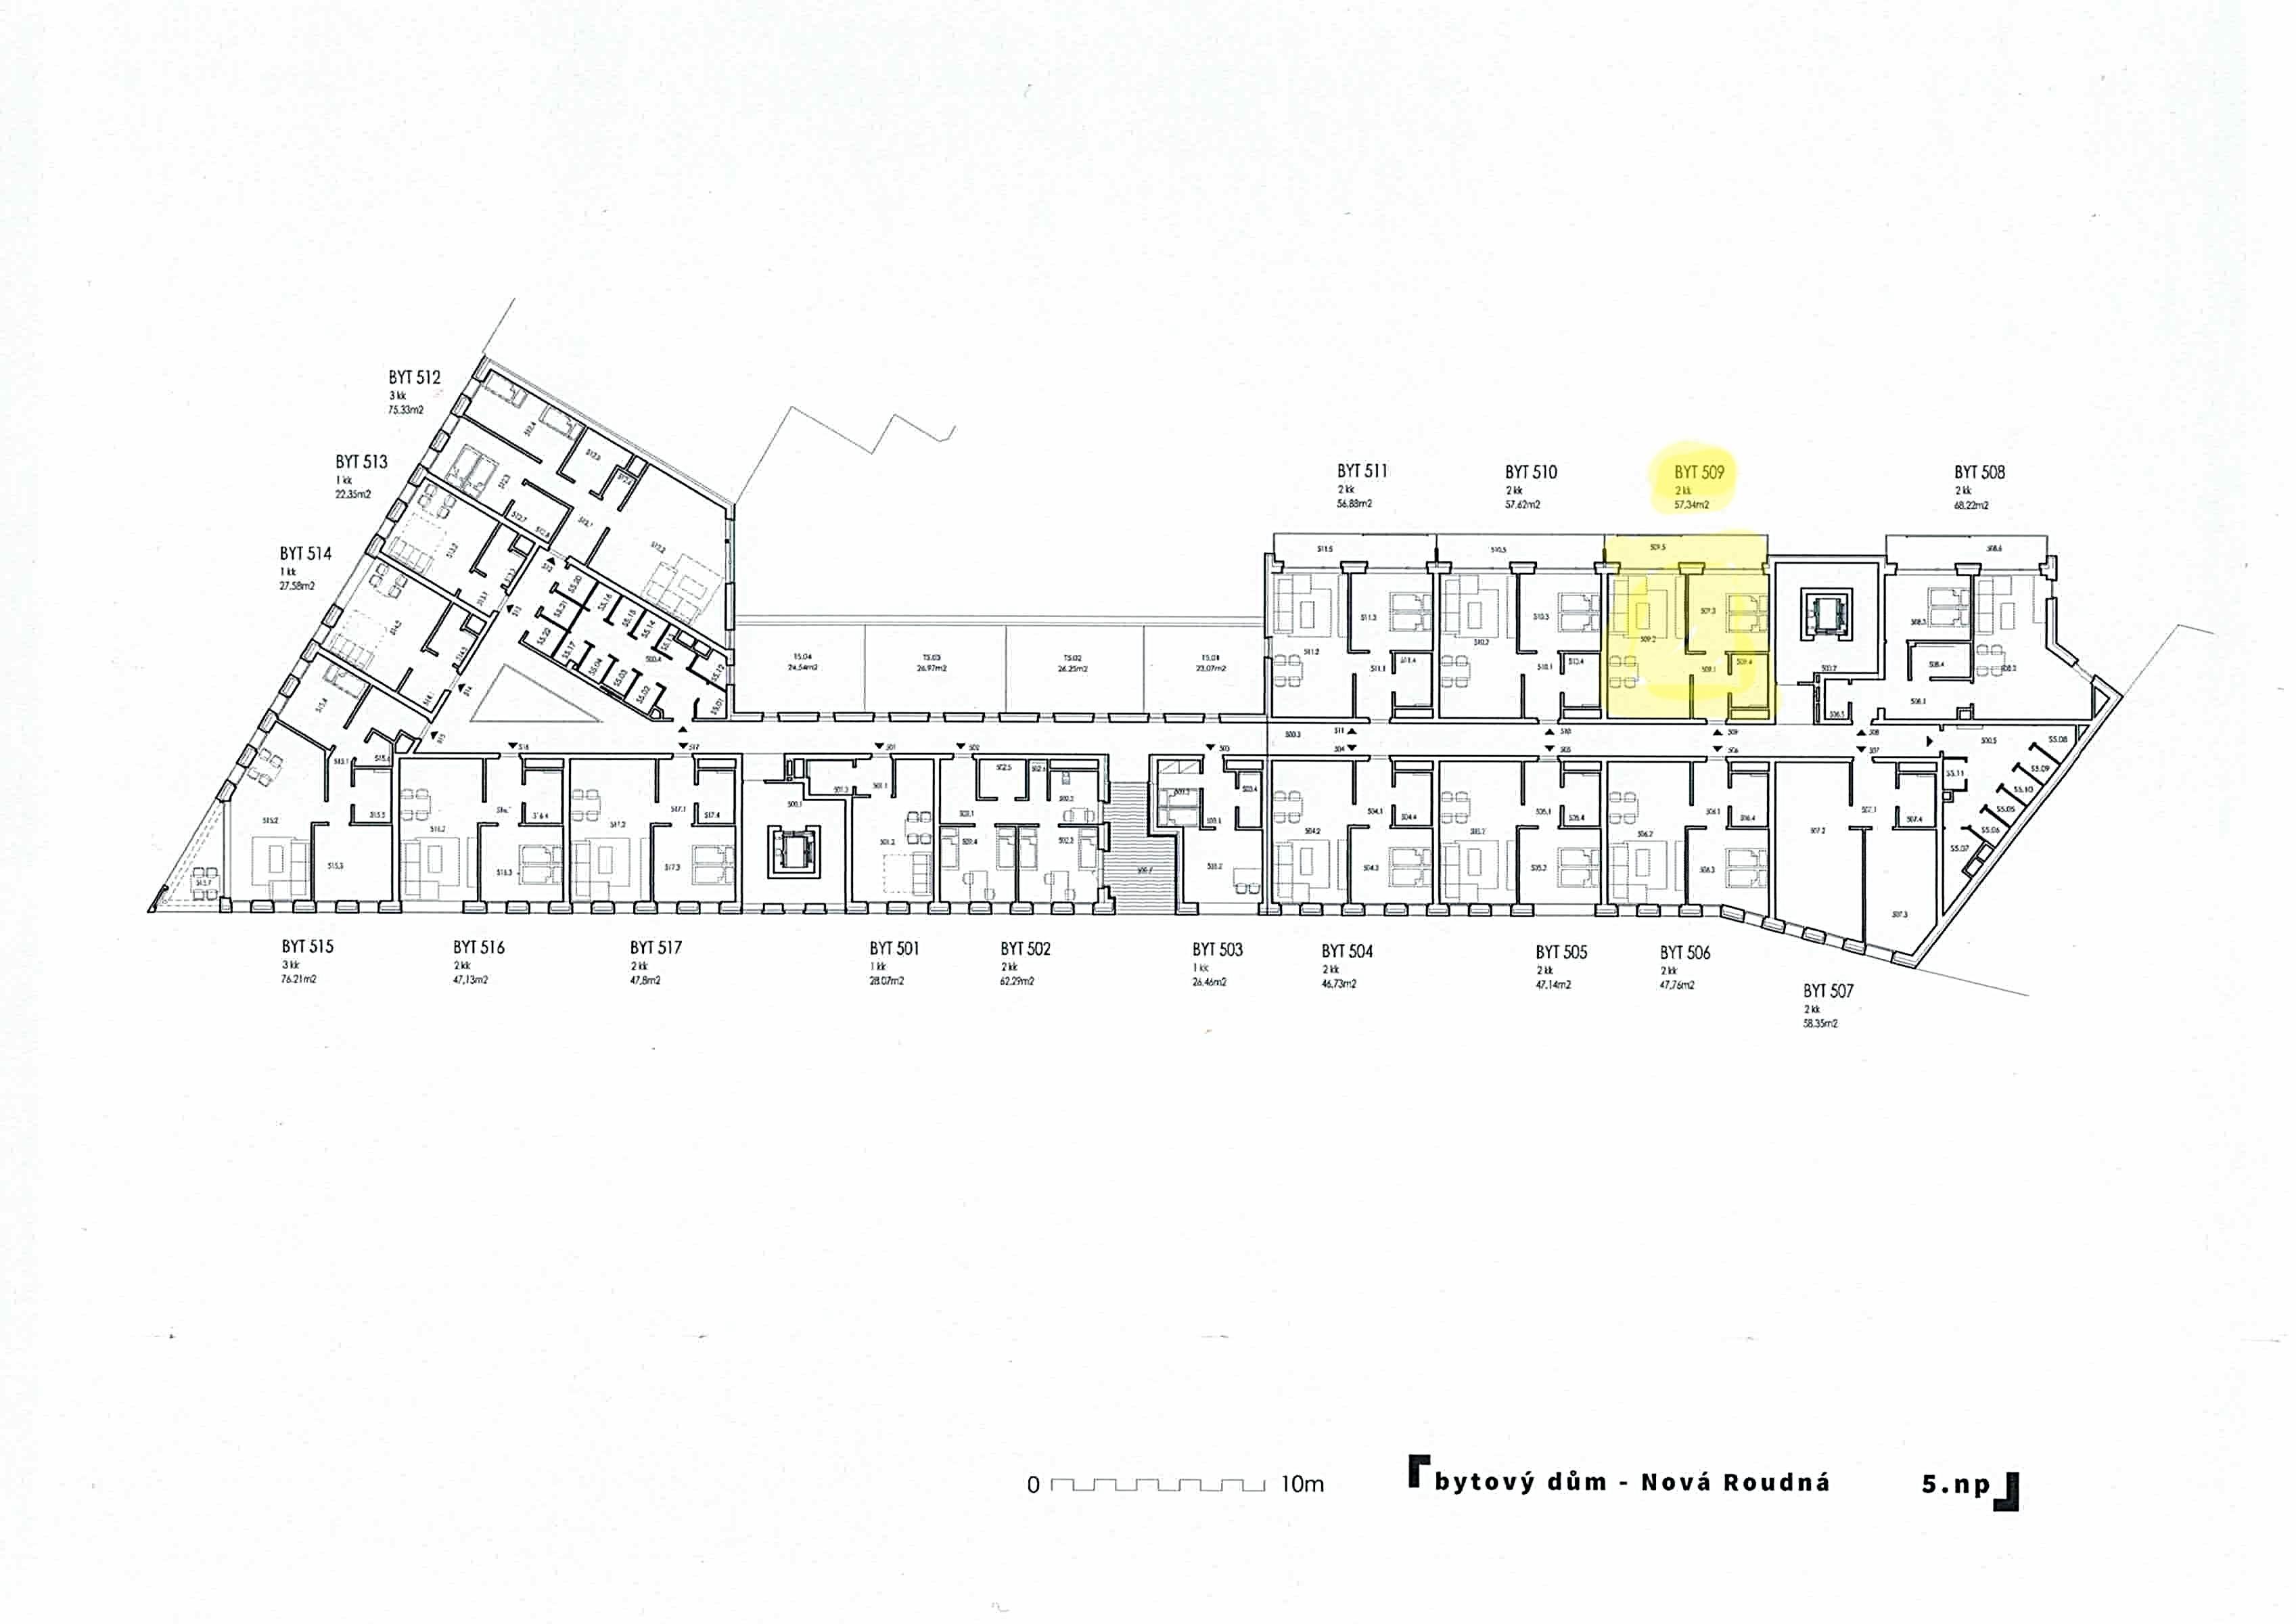 Pronájem bytu 2+KK v ulici Otýlie Beníškové Pzeň